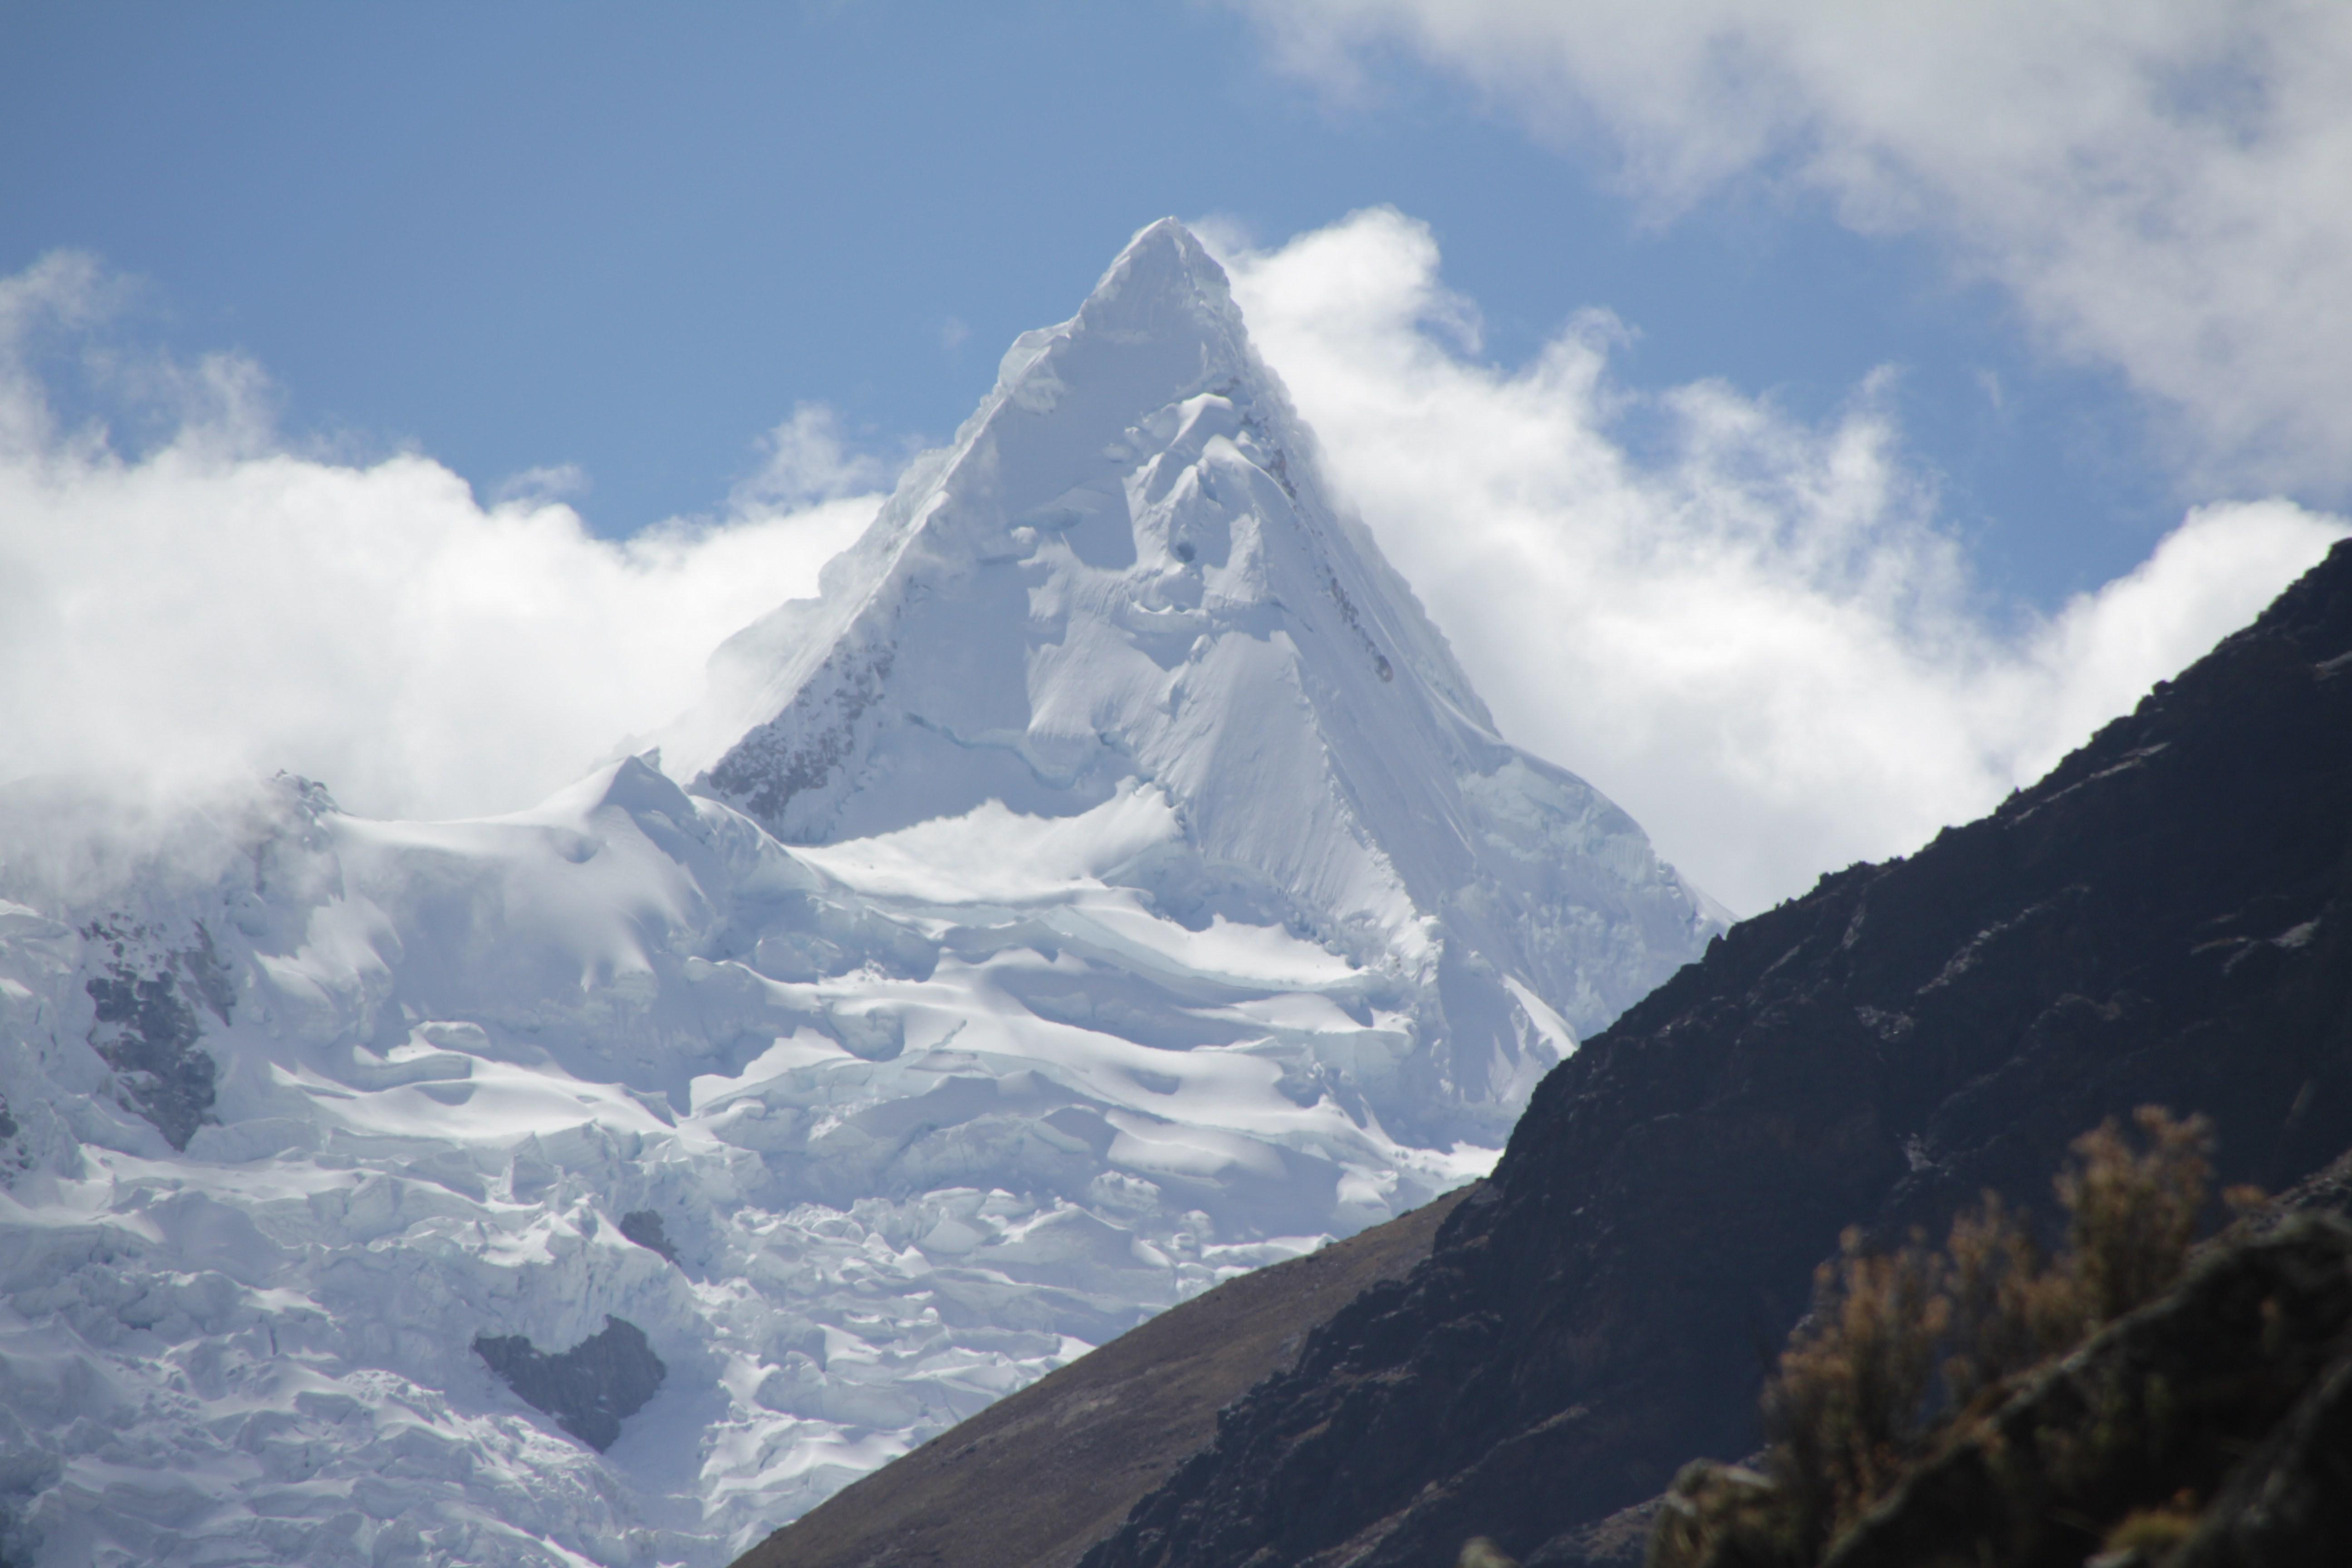 L'Alpamayo, culminant à 5 947 m d'altitude, a été élue plus belle montagne du monde en 1966 (© Jérôme Decoster).